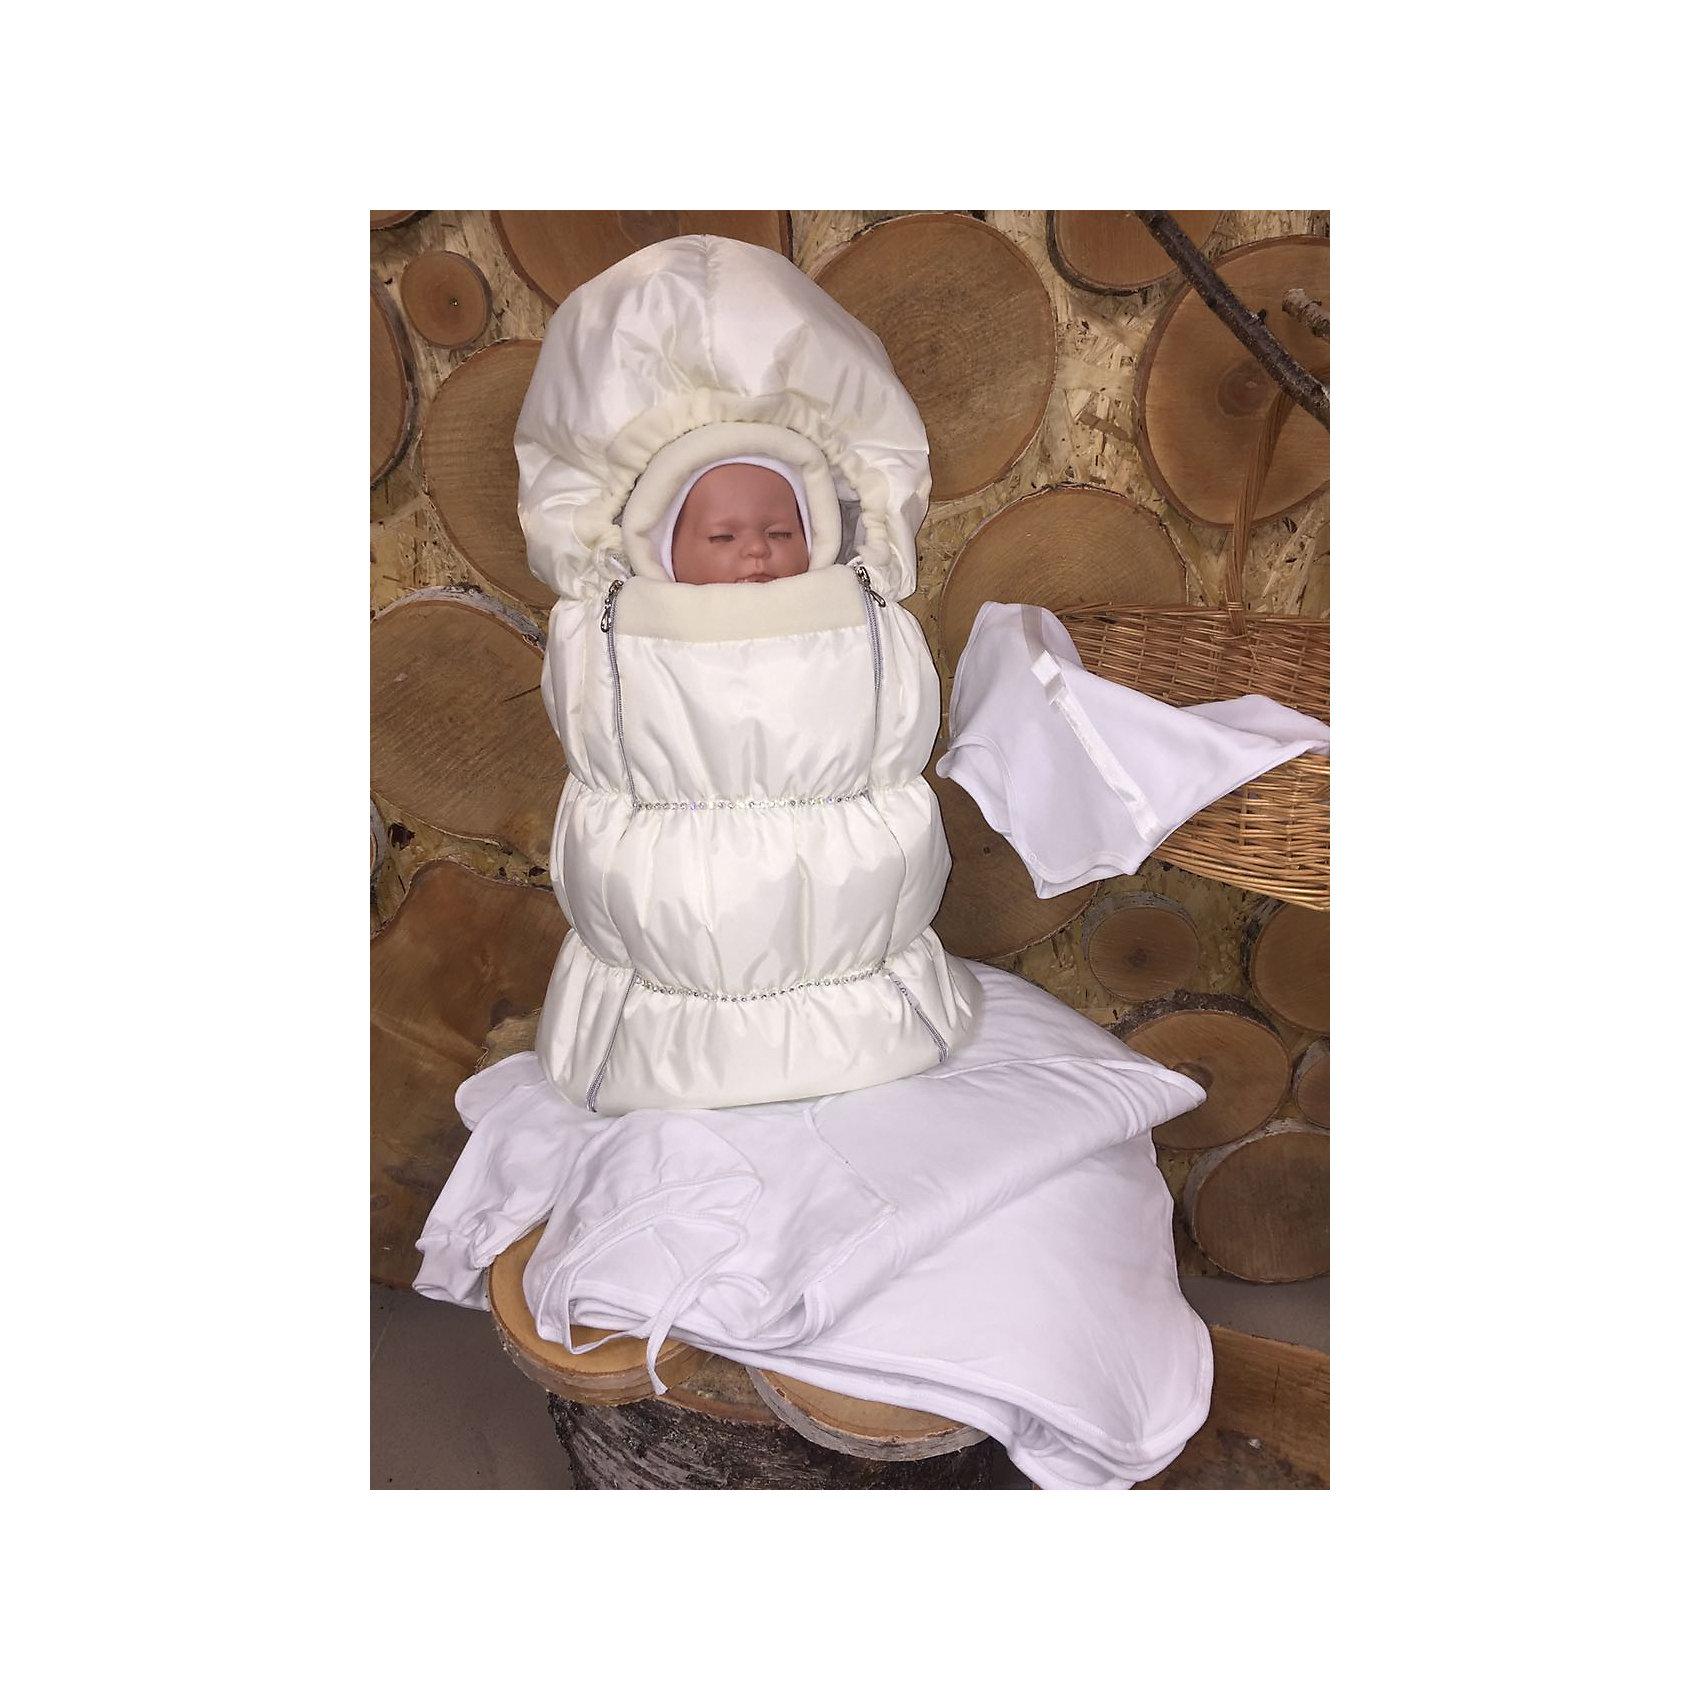 Комплект на выписку 8 пред., GulSara, 116 стразы весна-осеньшампаньНаборы одежды, конверты на выписку<br>Характеристики:<br><br>• Вид детского текстиля: комплект на выписку<br>• Предназначение: на выписку, для прогулки<br>• Сезон: весна, осень<br>• Утеплитель: средняя степень утепления<br>• Температурный режим: от -10? С до +20? С <br>• Пол: для девочки<br>• Тематика рисунка: без рисунка<br>• Материал: плащевка, кулирка, интерлок<br>• Цвет: шампань, молочный<br>• Комплектация:<br> конверт на синтепоне – 1 шт. р-р 75*40 см<br> одеяло на синтепоне – 1 шт. р-р 100*100 см<br> шапочка на синтепоне – 1 шт. р-р 56-36<br> спальный мешок – 1 шт. р-р 56-36<br> ползунки – 1 шт. р-р 56-36<br> распашонка – 1 шт. р-р 56-36<br> чепчик – 1 шт. р-р 56-36<br>• Декоративные элементы: стразы<br>• Особенности ухода: машинная стирка при температуре 30 градусов без использования отбеливающих и красящих веществ<br><br>Комплект на выписку 8 пред., GulSara, 116 стразы весна-осень шампань от отечественного швейного производства, который выпускает современный текстиль и товары для новорожденных, изготовленных на основе вековых традиций. В своем производстве GulSara использует только экологичные и натуральные материалы, что обеспечивает их безопасность даже для малышей с чувствительной кожей. <br><br>Набор предназначен для выписки в демисезонный период и состоит из конверта, одеяла и чепчика, выполненных из однотонной плащевки. У конверта предусмотрены две застежки-молнии по бокам на передней полочке. Среднюю степень утепления конверту и одеялу обеспечивает синтепон, который имеет легкий вес и является гипоаллергенным материалом. Для промежуточного слоя одежды предусмотрен спальный мешок на молнии. Комплект нижней одежды состоит из ползунков, распашонки и чепчика. Конверт декорирован горизонтальными дорожками, выложенными стразами. <br><br>Комплект на выписку 8 пред., GulSara, 116 стразы весна-осень шампань создаст изысканный и неповторимый образ вашего малыша!<br><br>Комплект на выписку 8 пред